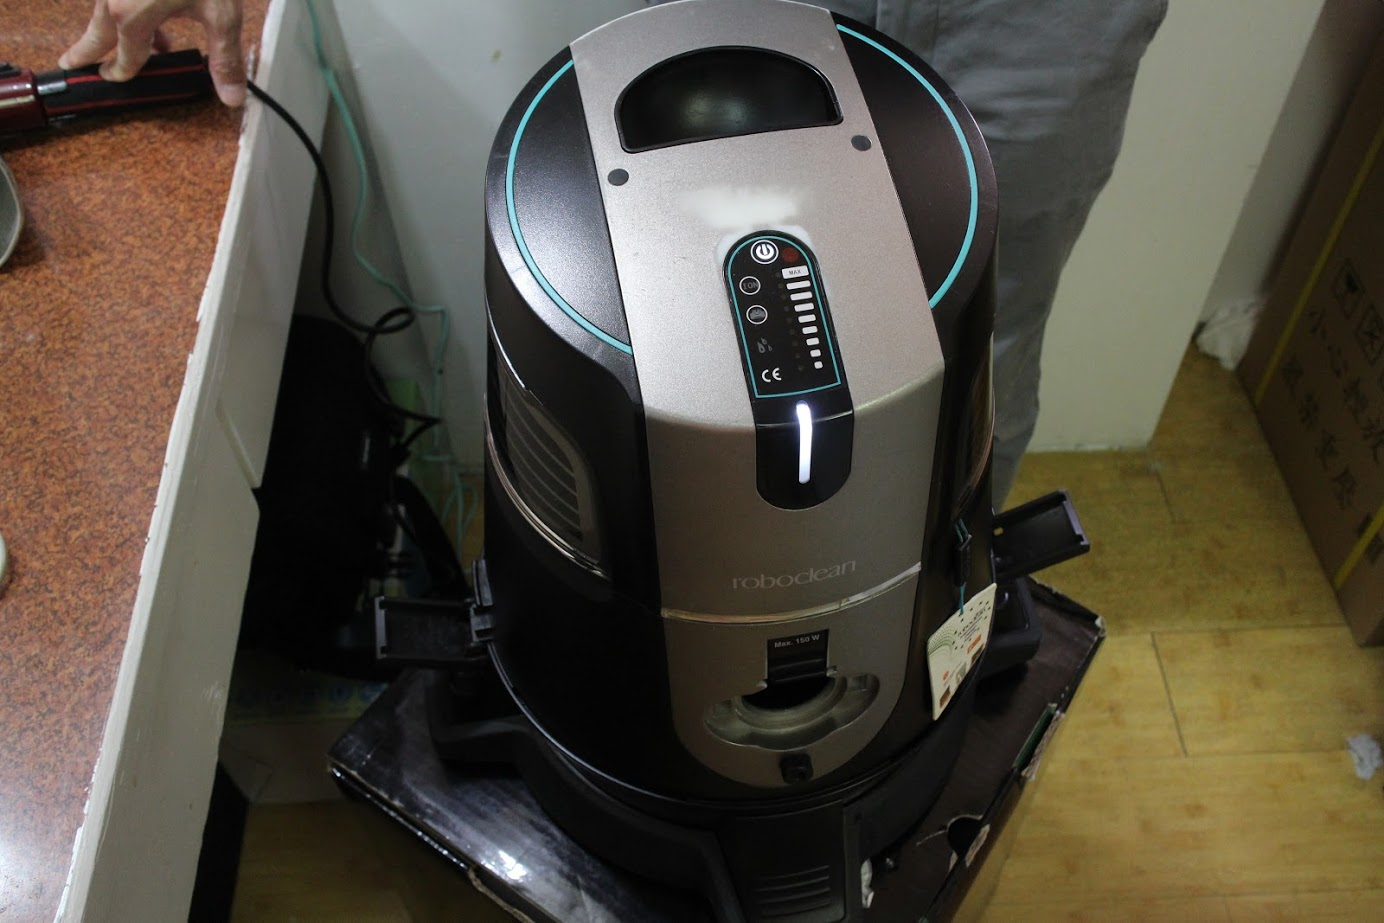 超神【Roboclean多功能清淨系統】一機抵多台,家裡塵螨、清掃、改善空氣品質等輕鬆解決! @秤瓶樂遊遊